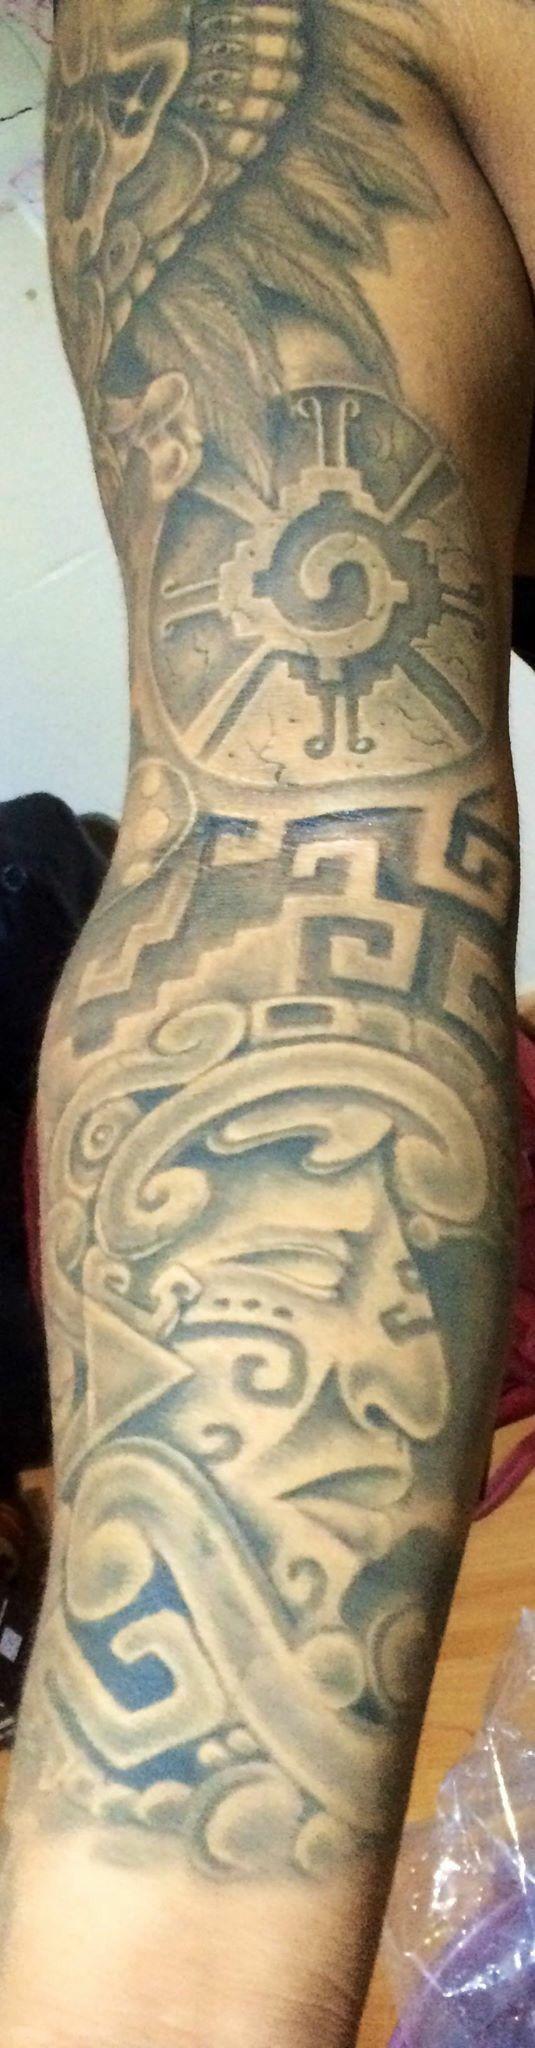 Tatuaje ceremonial de Hunab ku, mezclo quetzalcoatl, danza azteca y temazcales, arte,  Hecho por Osvaldo Castillo. Estudio Tatuajes Ofrenda de Sangre, Ciudad de México. Juan Carlos ximil